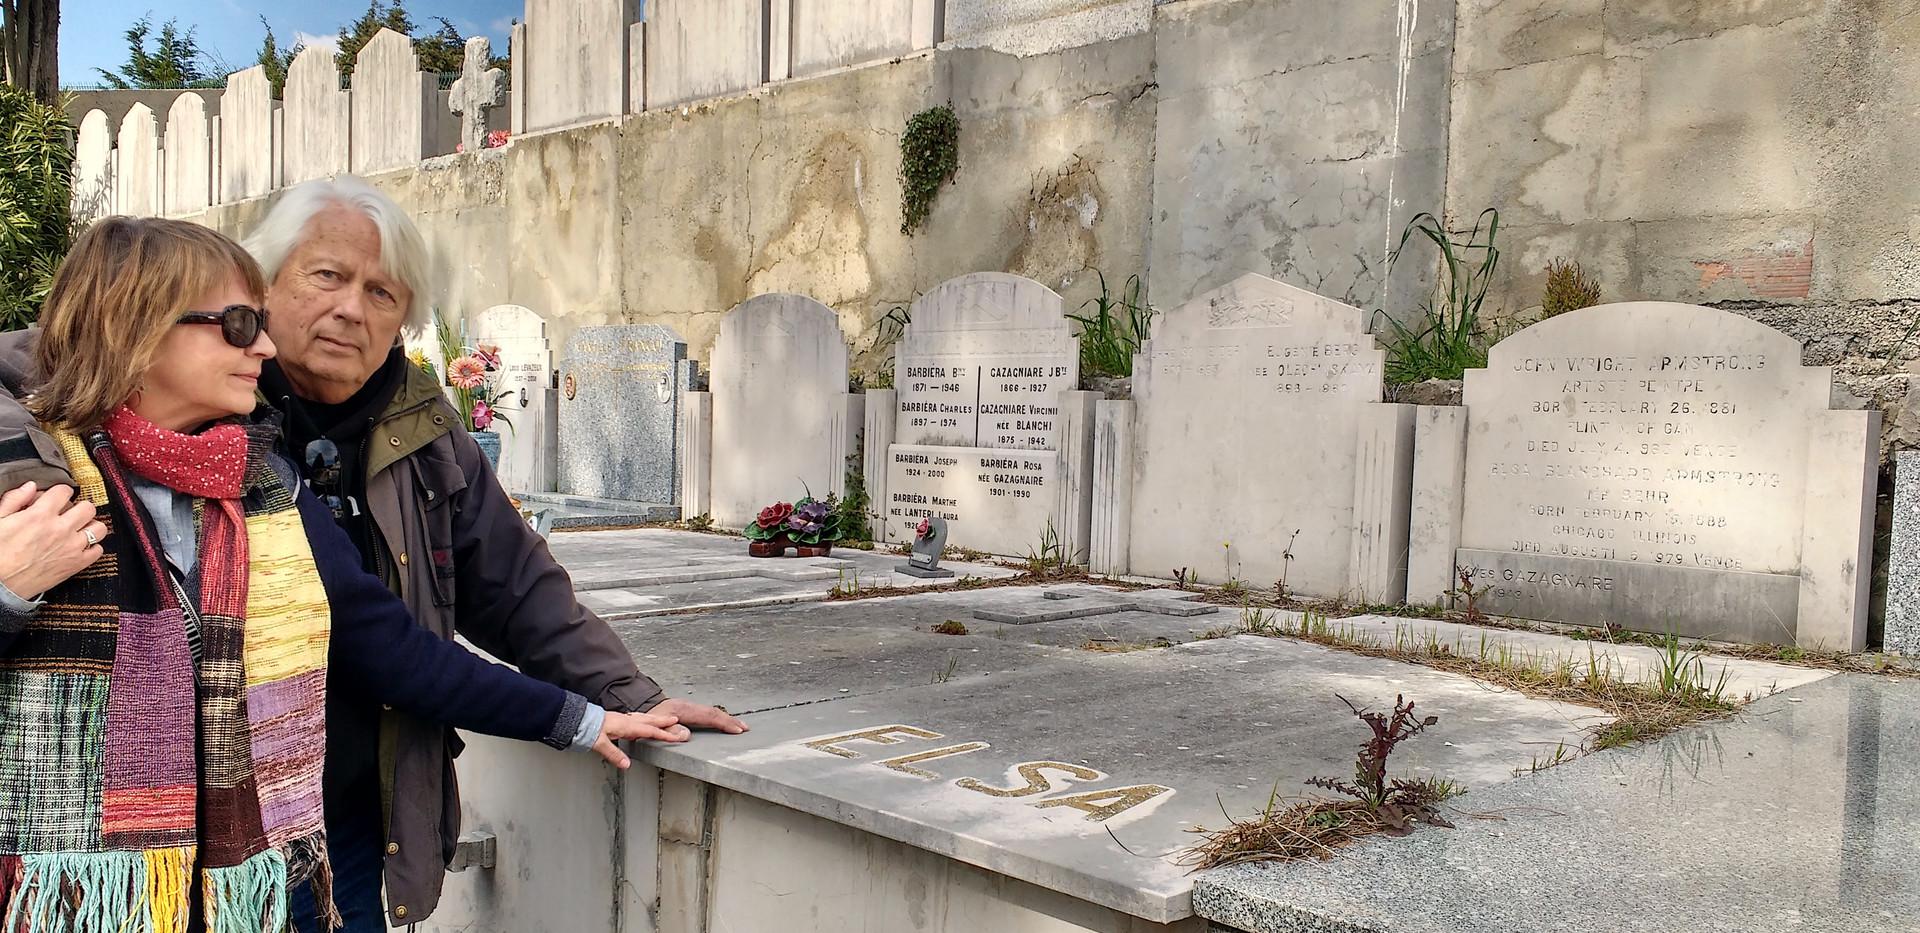 Elsa's grave in Vence.